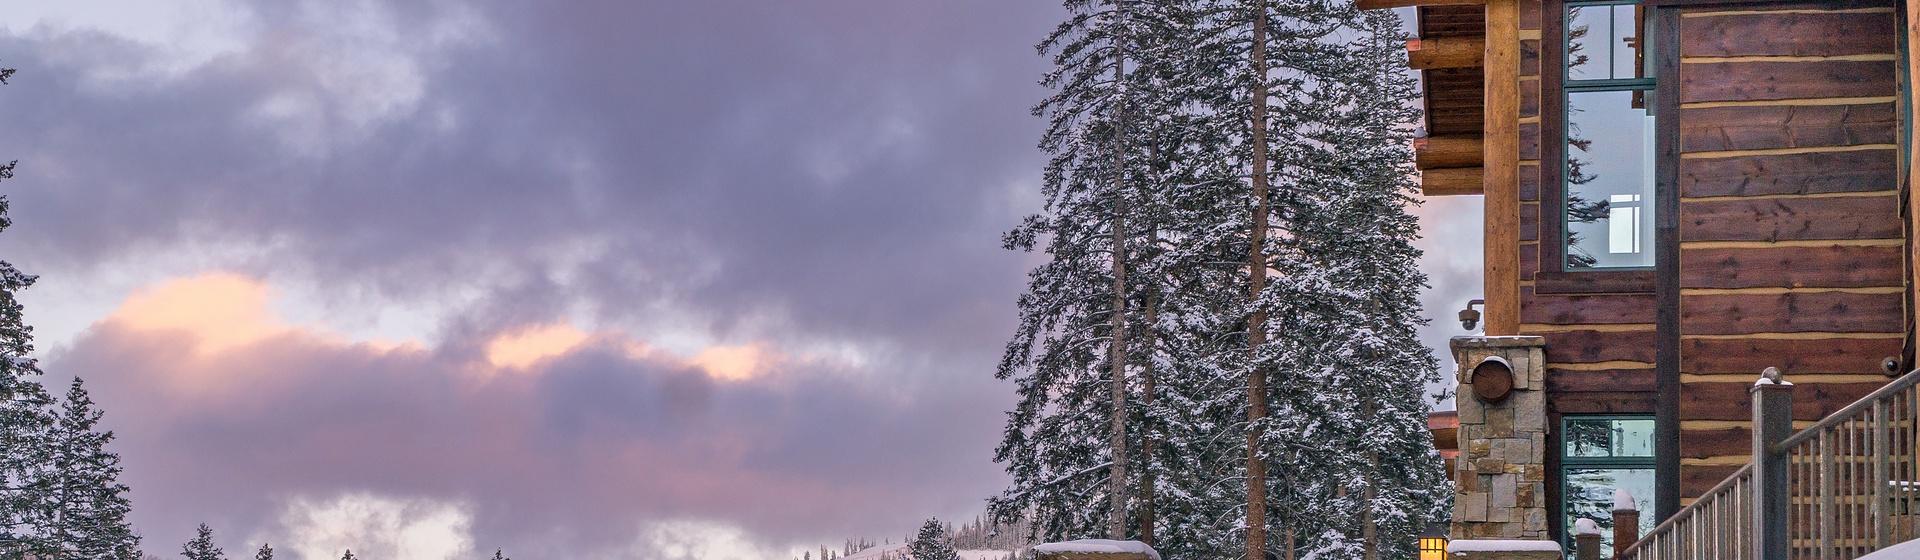 56-Telluride-Autumn-Ridge-Exterior.JPG